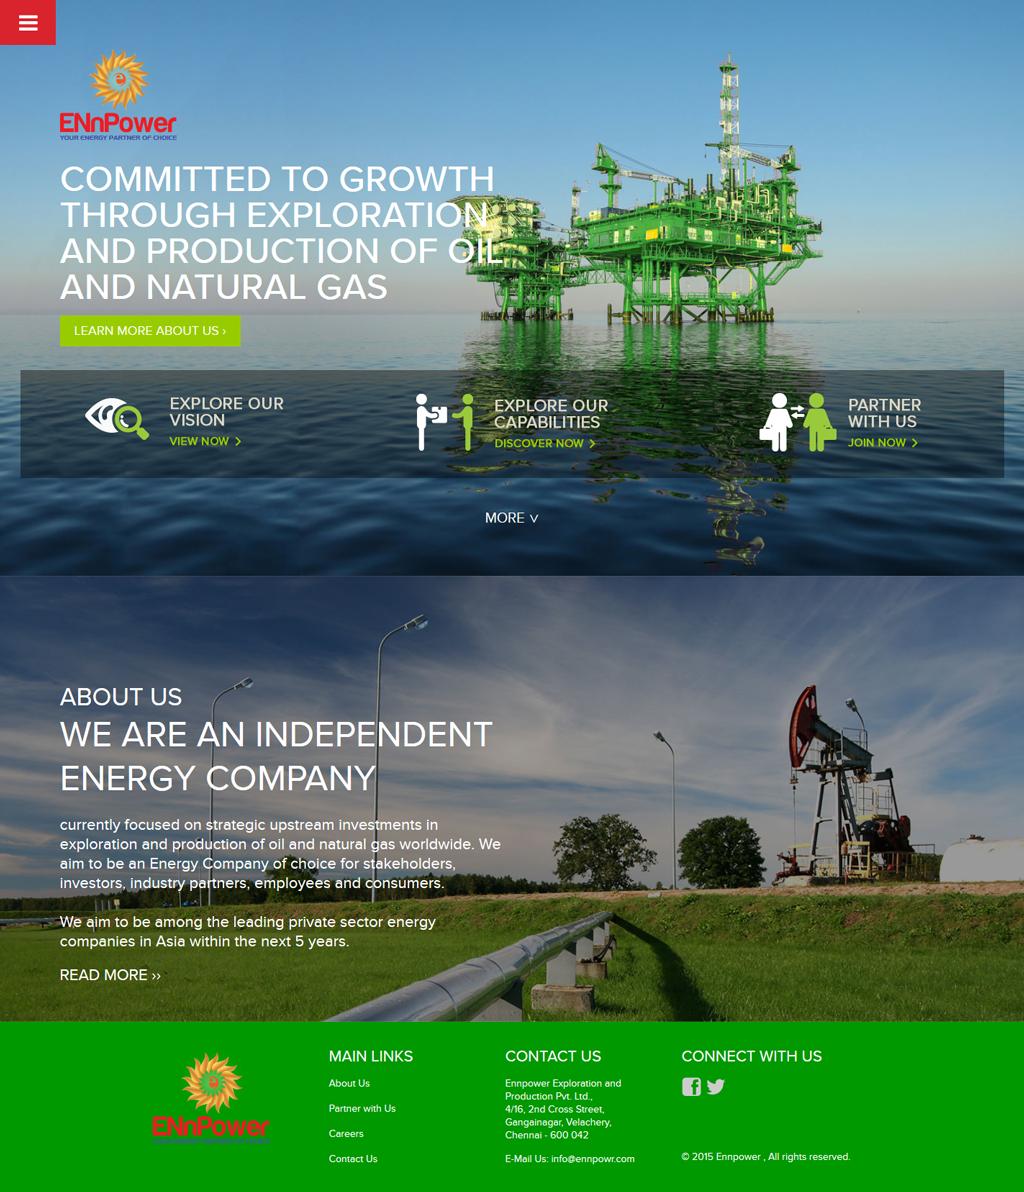 ENnPower_website1.png